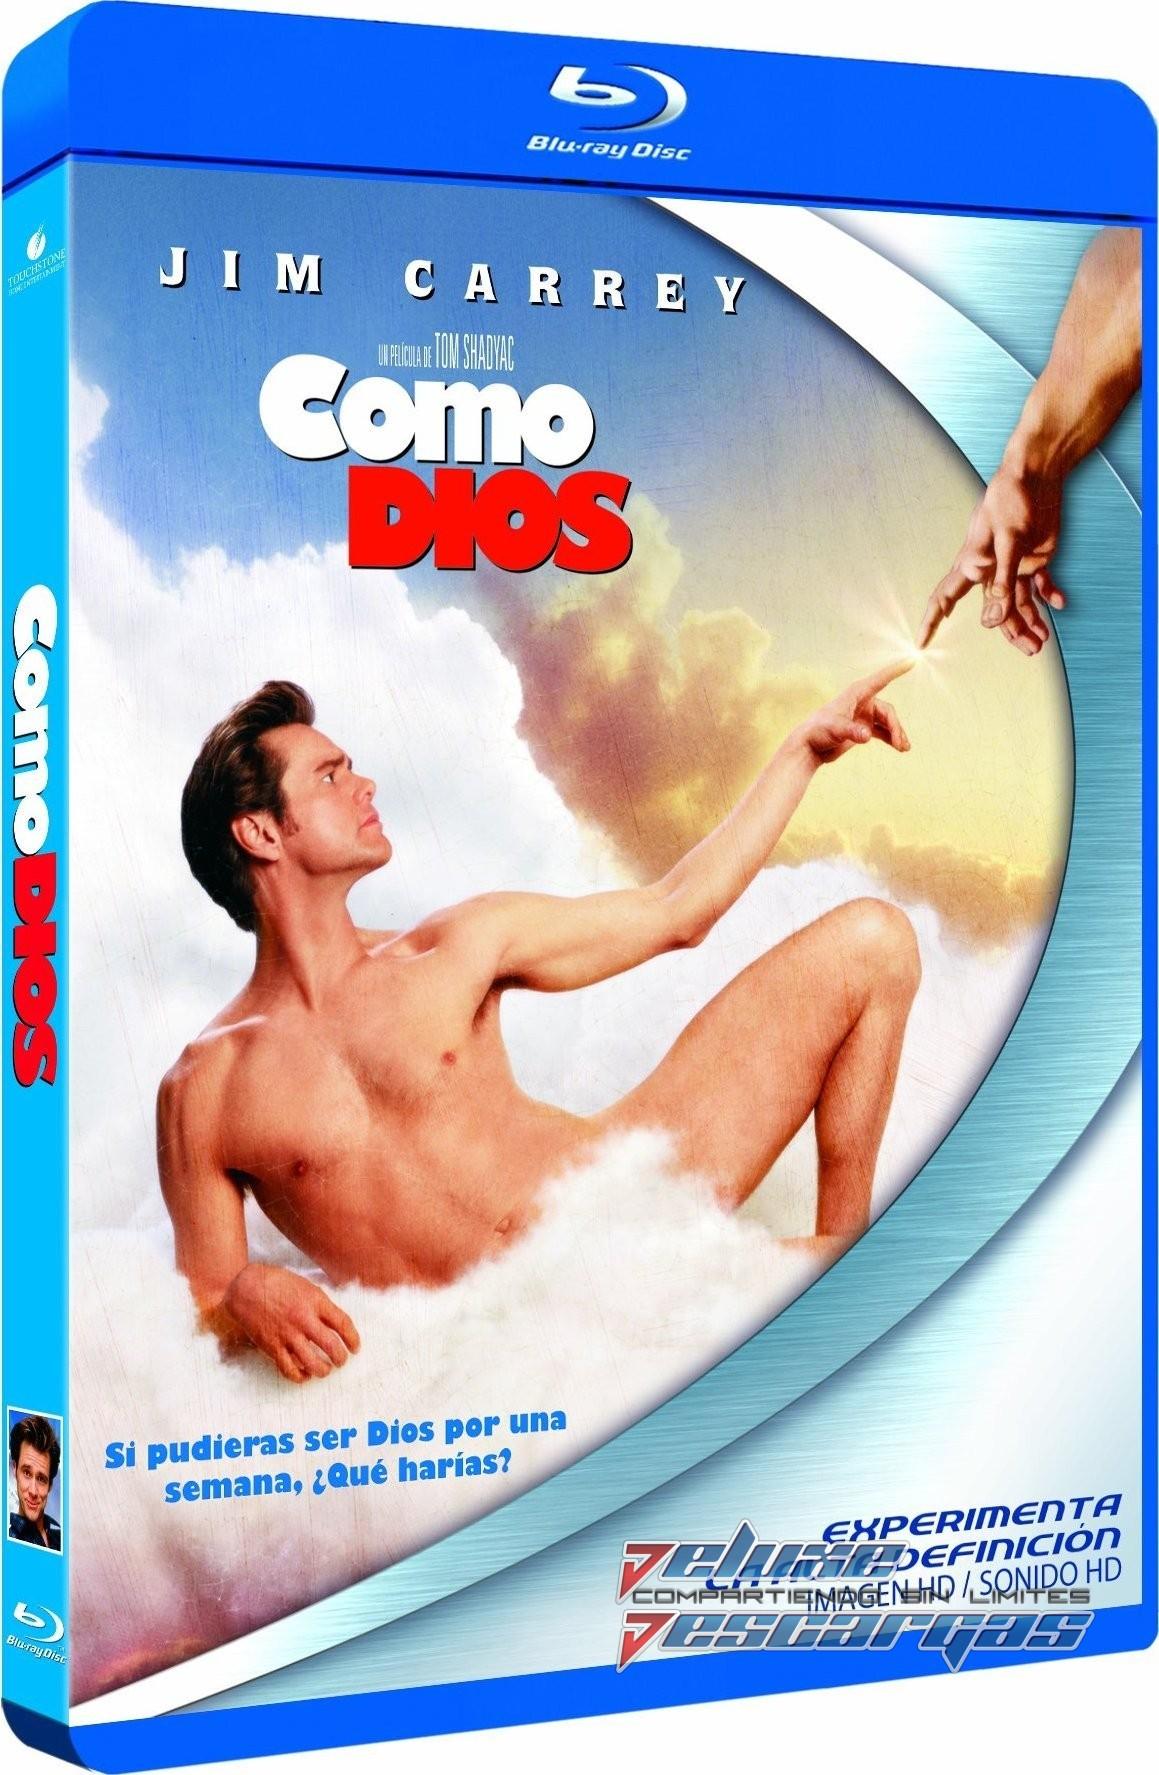 El todopoderoso 1080p latino dating 7